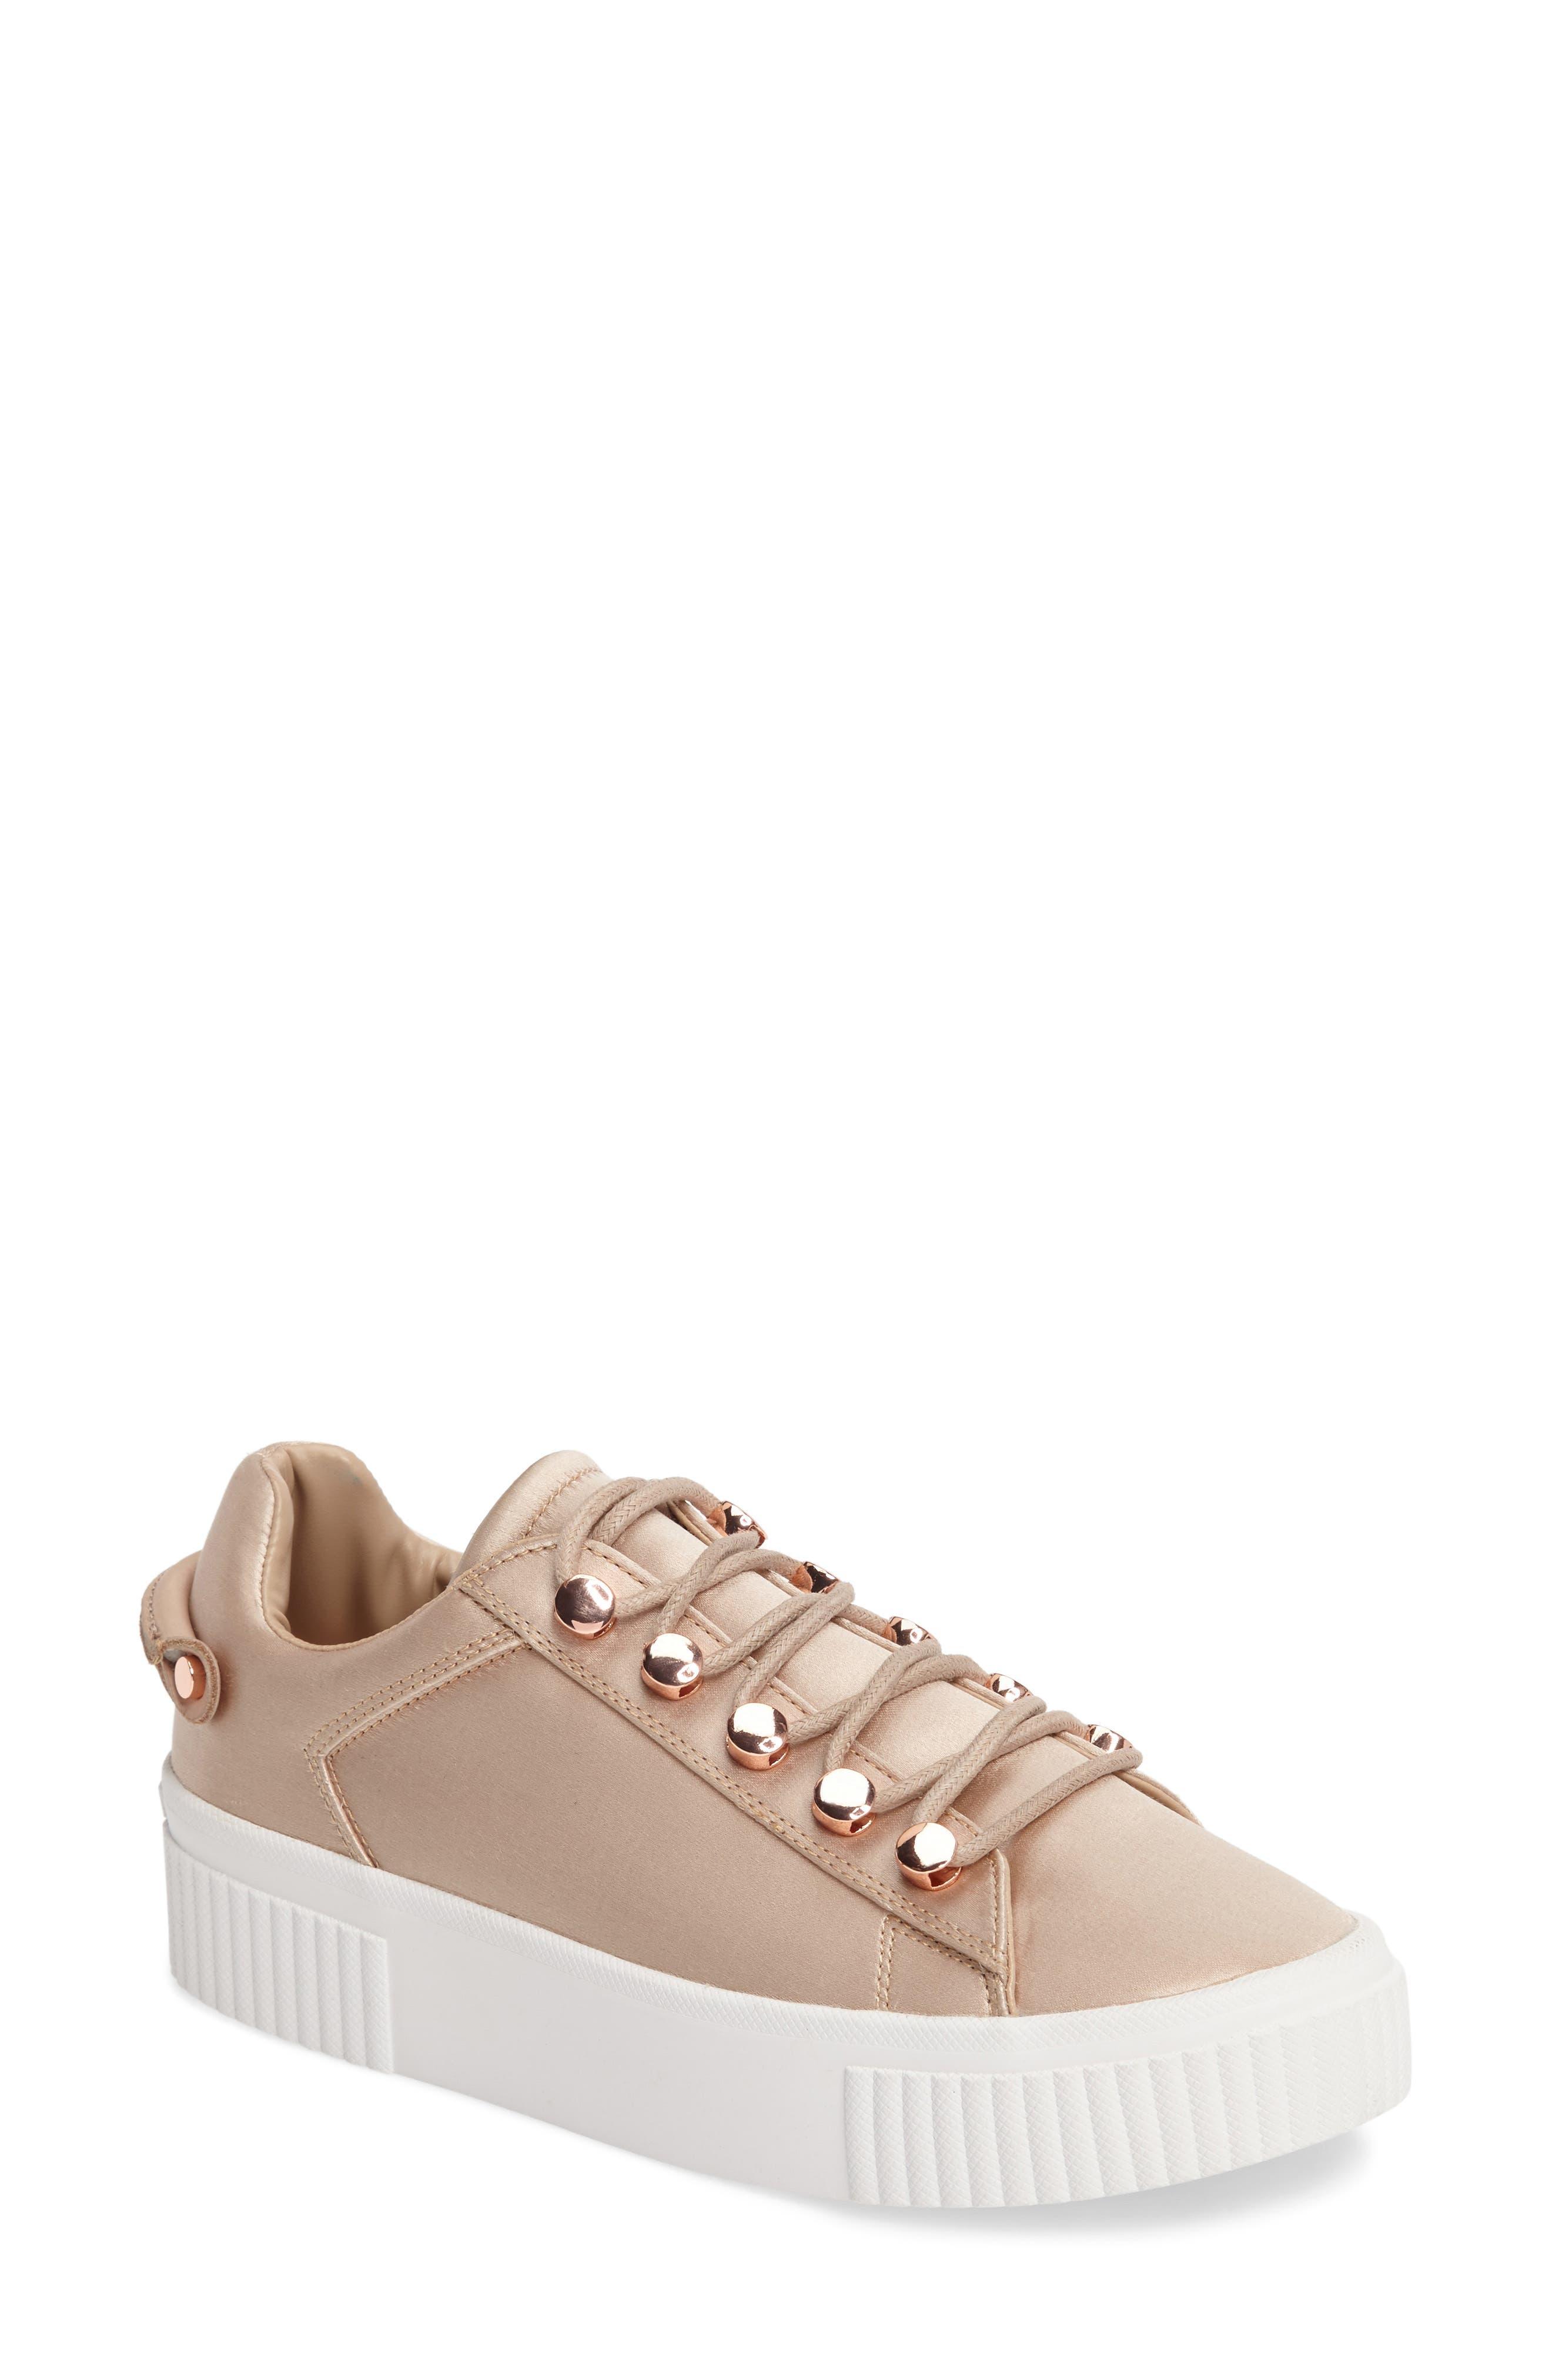 KENDALL + KYLIE Rae 3 Platform Sneaker